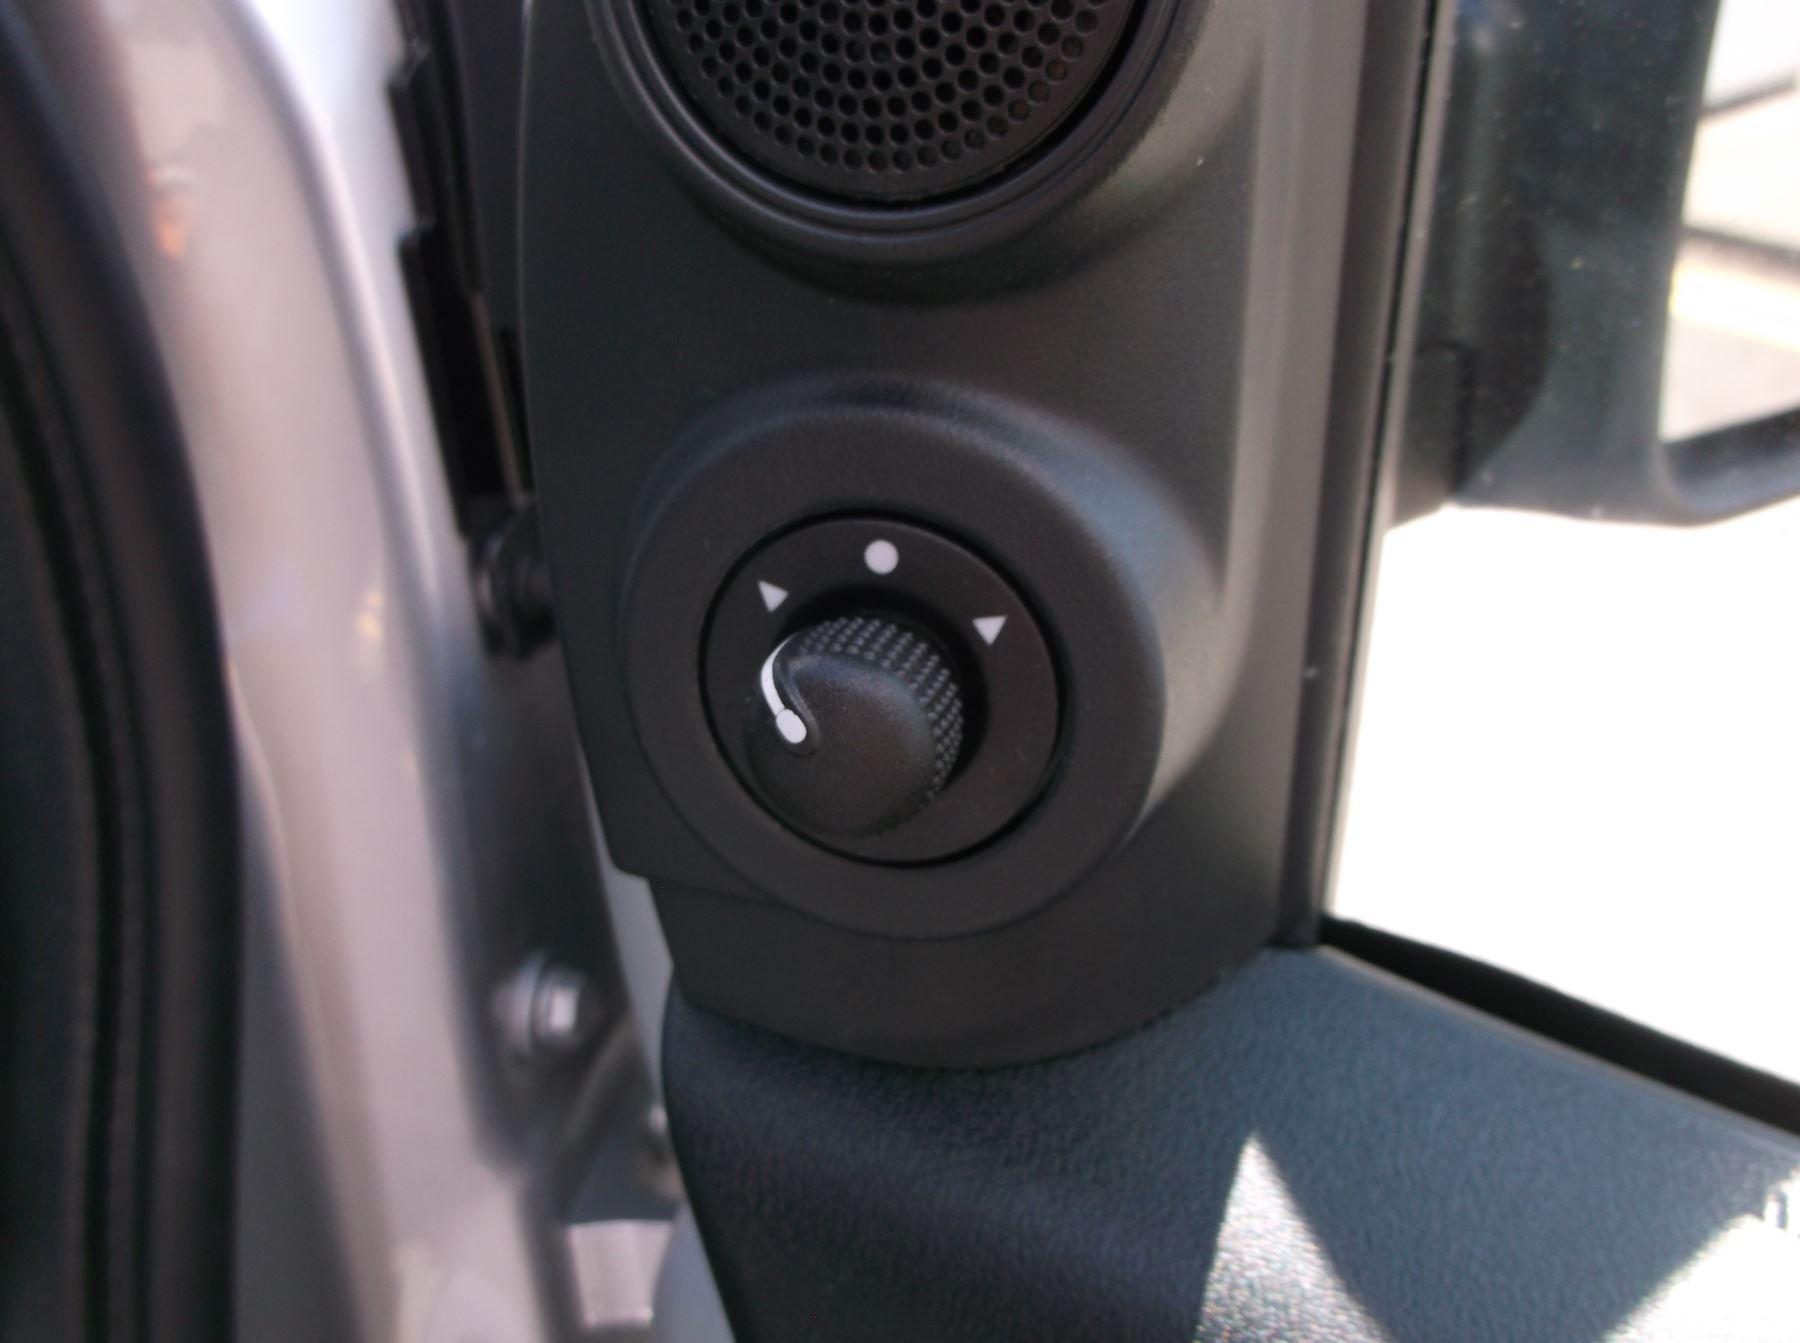 Fiat Doblo Cargo MAXI L2 DIESEL Multijet 16V Tecnico 1.6 105bhp   Aircon Cruise Rev sensors  Euro 6 image 11